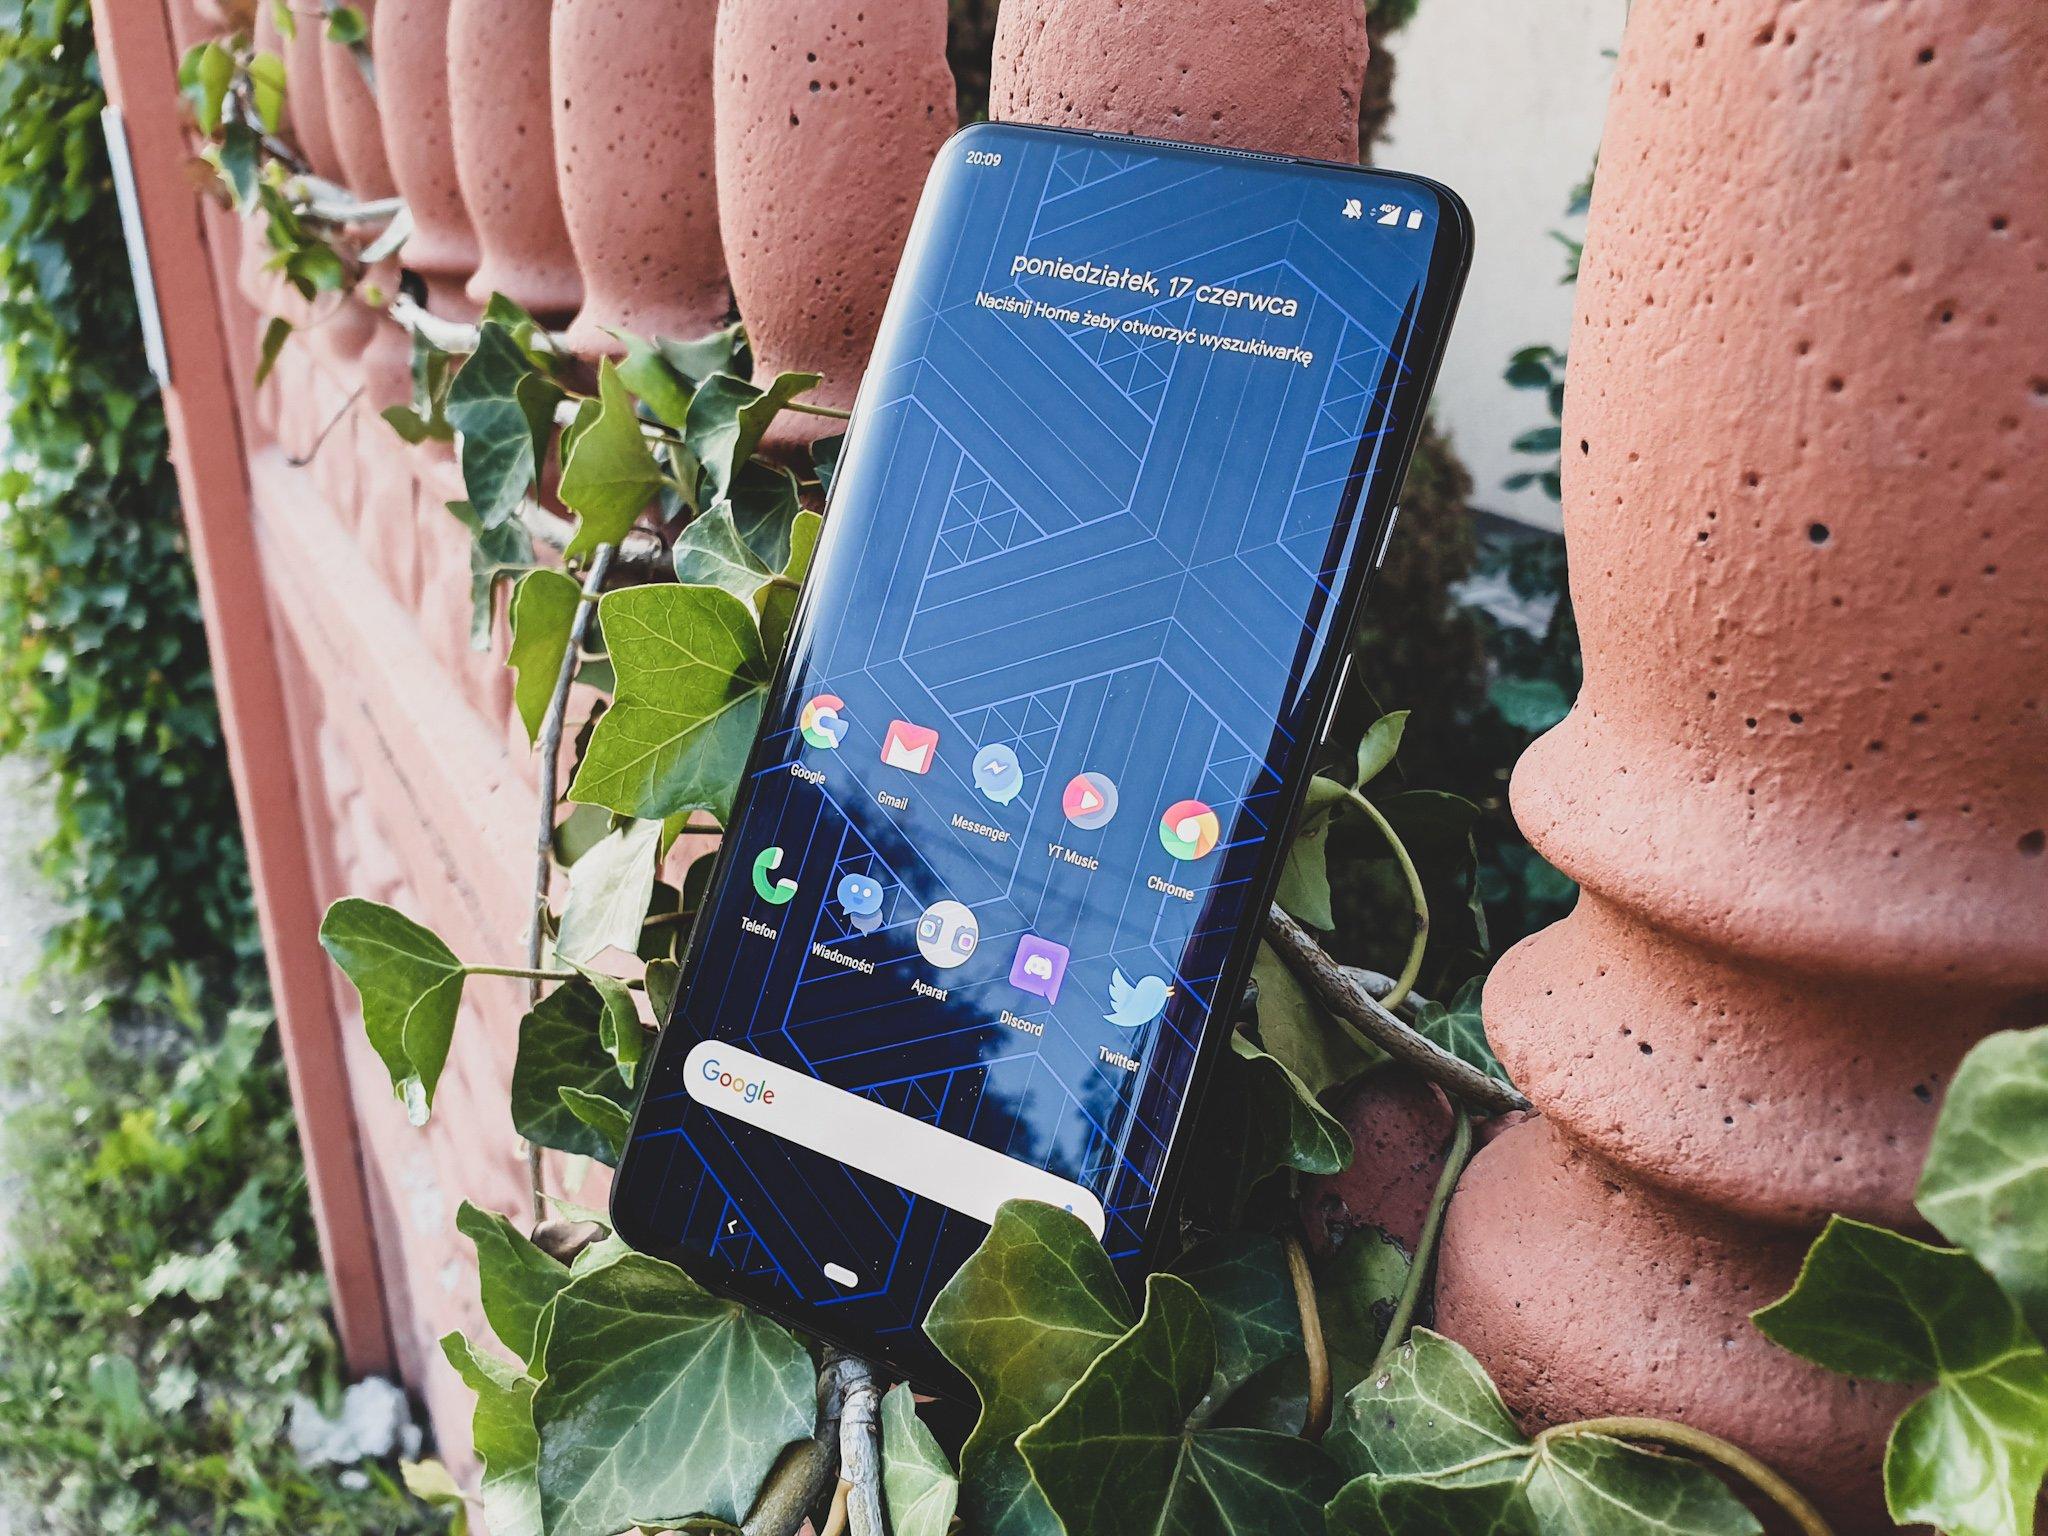 Jest szansa, że twój OnePlus nie będzie tak agresywnie ubijał aplikacji działających w tle 20